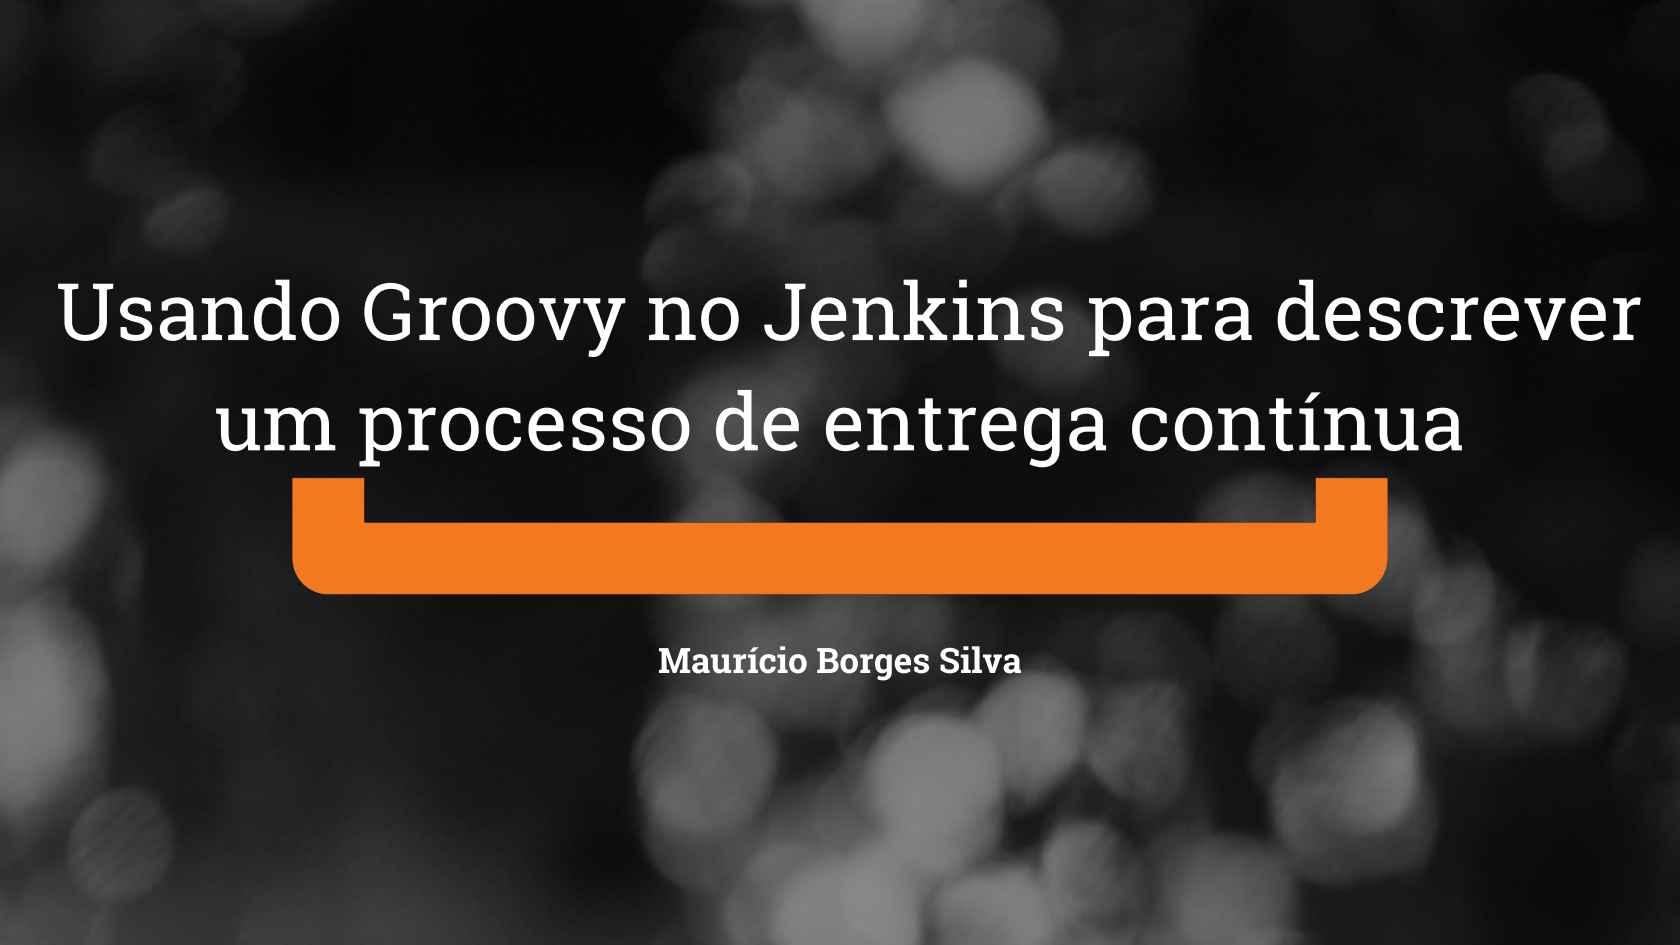 Usando Groovy no Jenkins para descrever um processo de